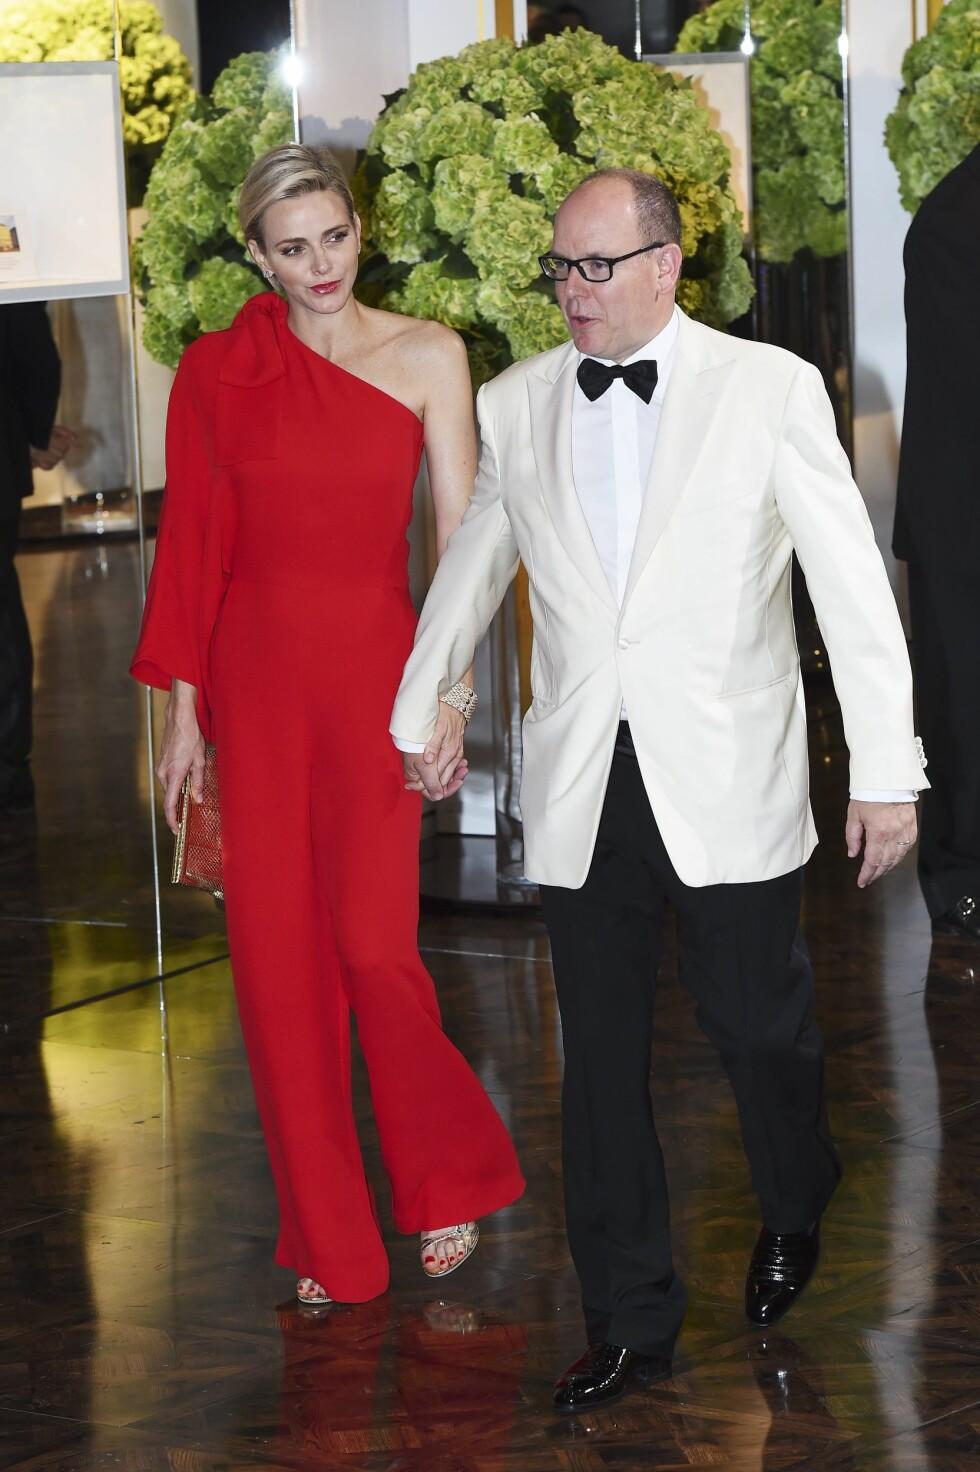 <strong>FLOTT FYRSTINNE:</strong> Fyrst Albert med kona fyrstinne Charlene under en tilstelning i Monaco i sommer. Det er ingen tvil om av den blonde eks-svømmeren kler den sjokkrøde fargen godt. Foto: NTB Scanpix